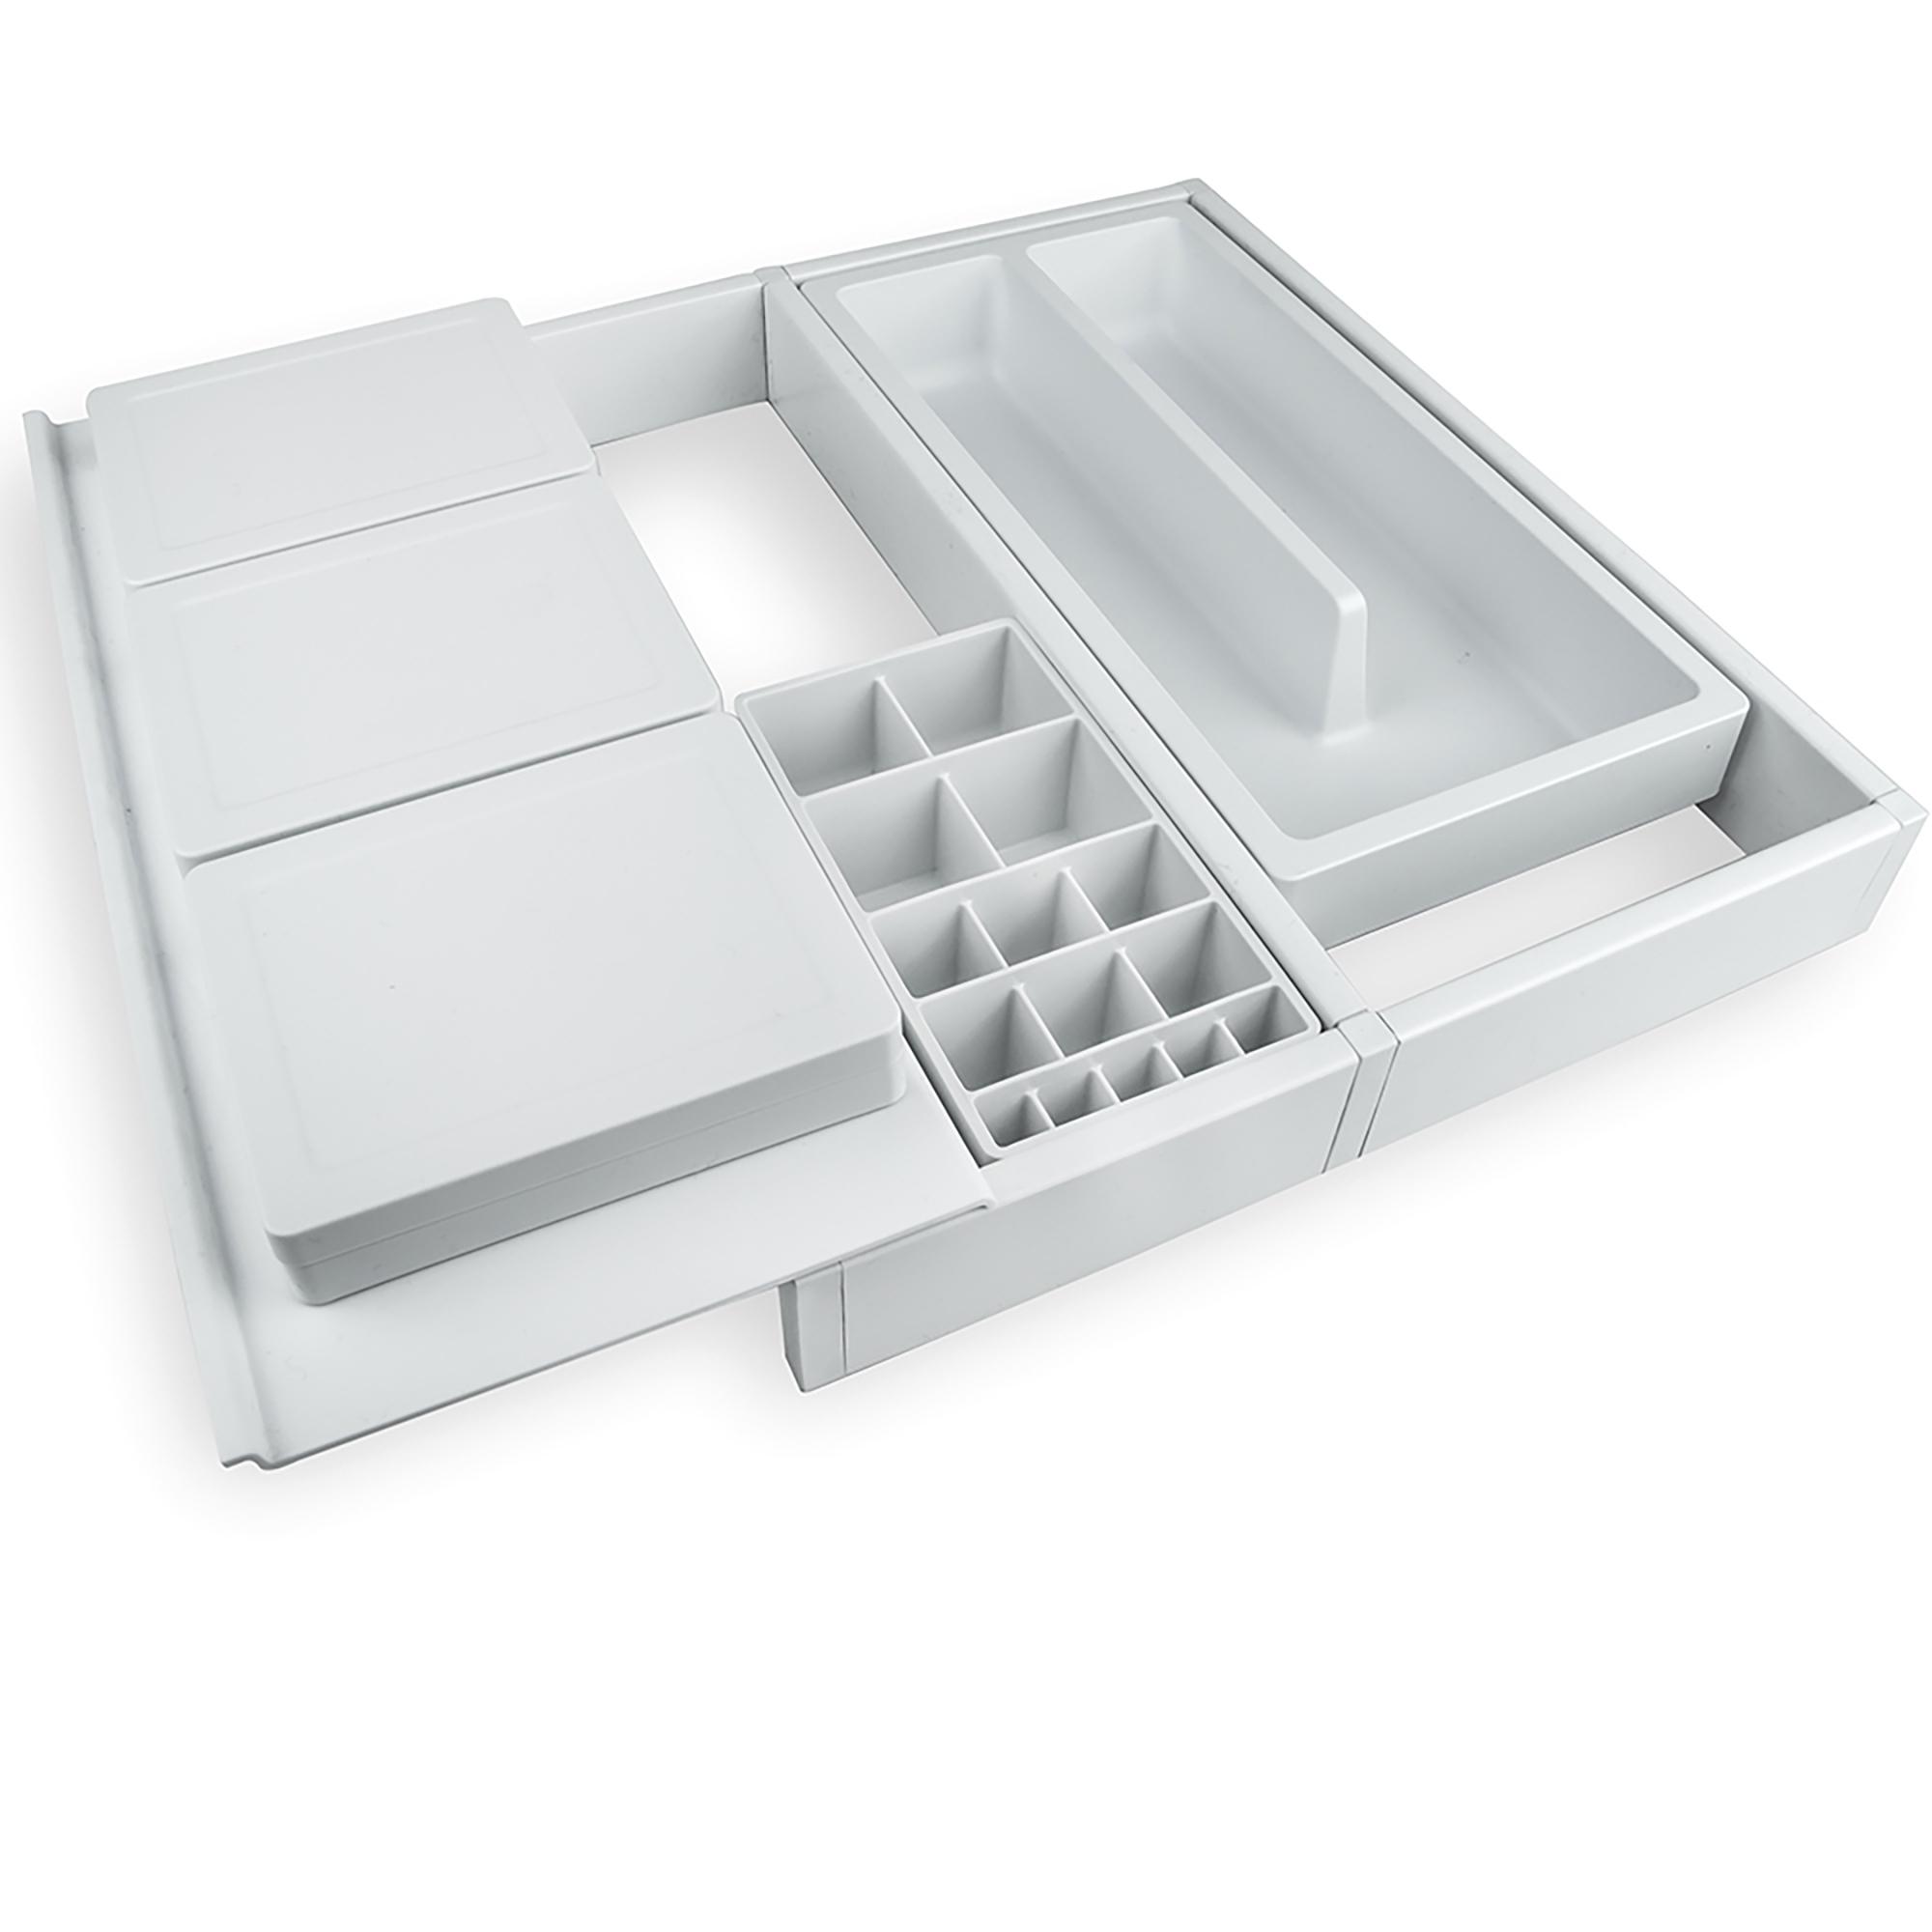 Emuca Organizzatore cassetti da bagno, regolabile 307-402 mm, Plastica, Bianco